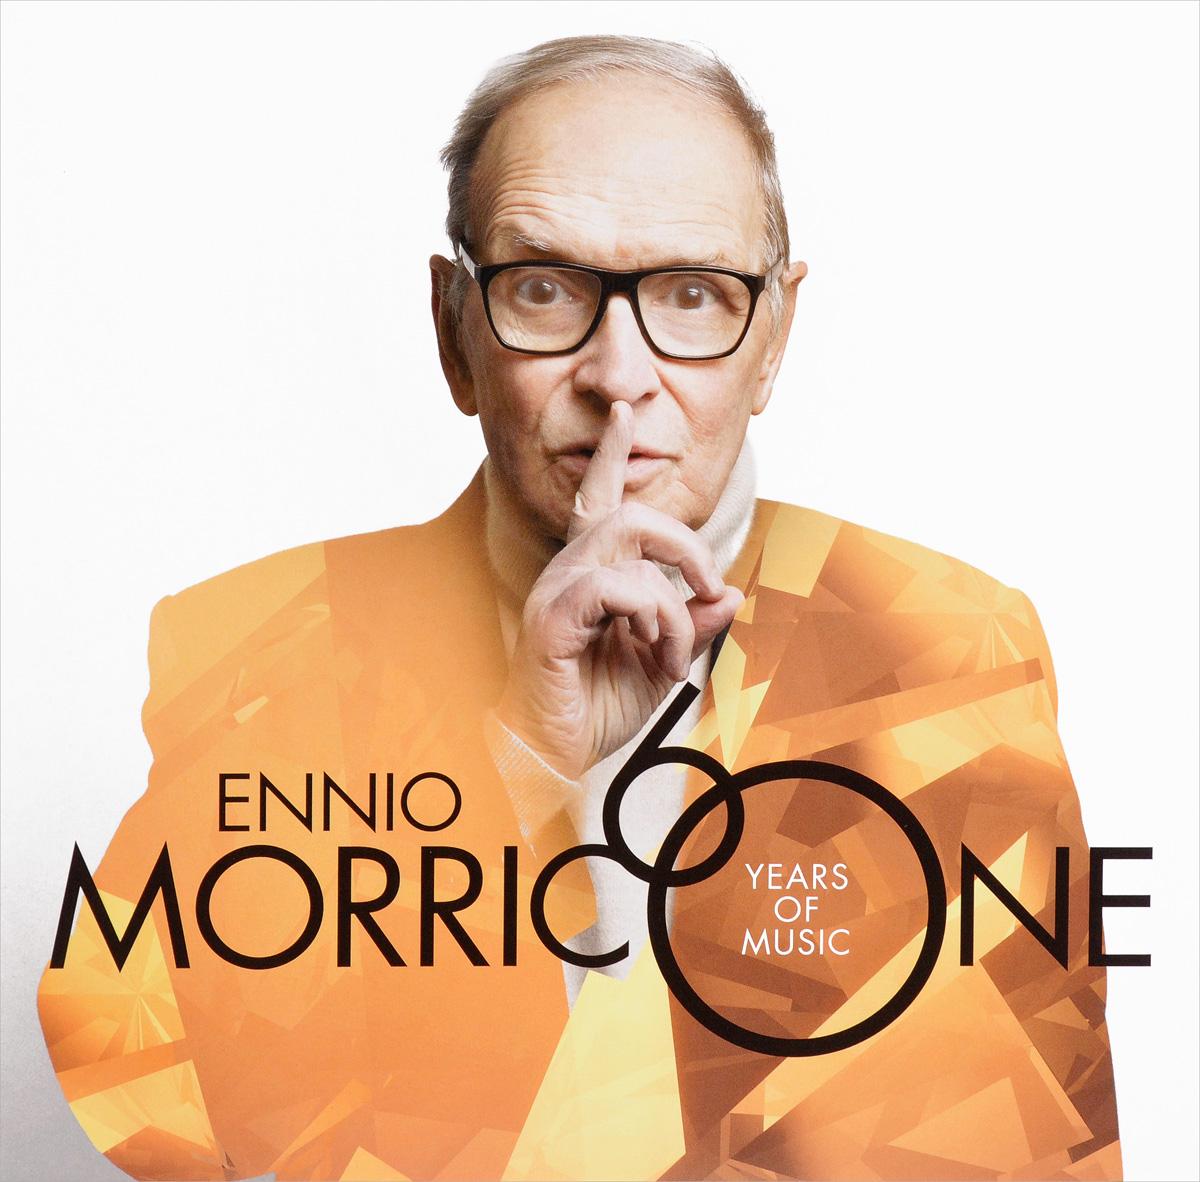 Эннио Морриконе Ennio Morricone. Morricone 60 (2 LP) ennio morricone morricone 60 2 lp